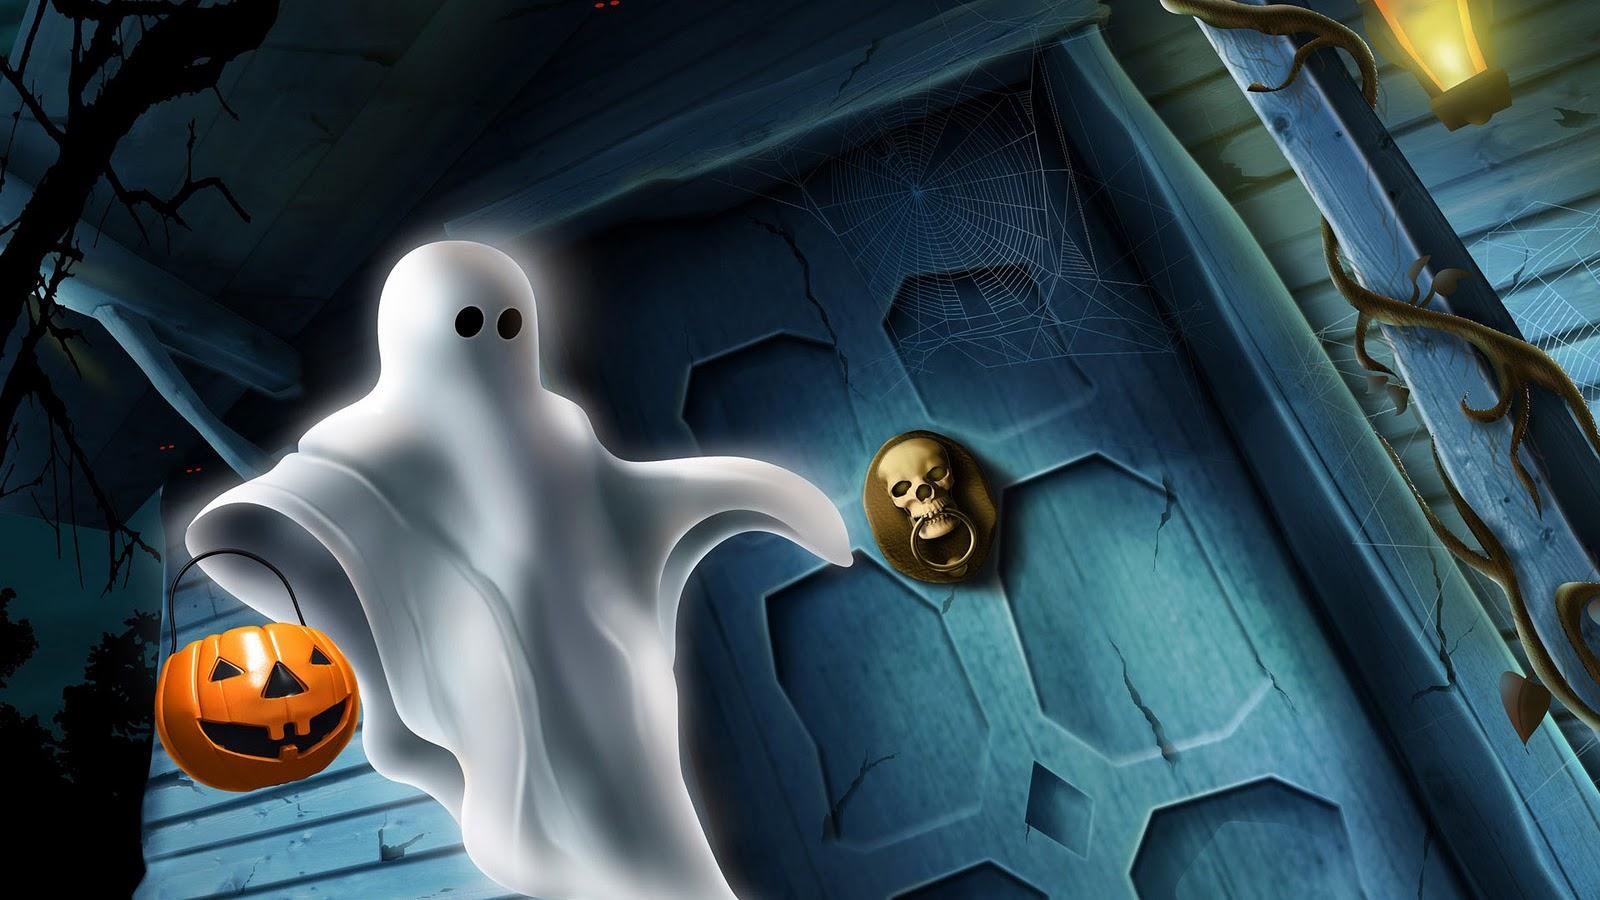 Top 25 halloween desktop wallpapers asianz club - Ghost wallpapers for desktop hd ...